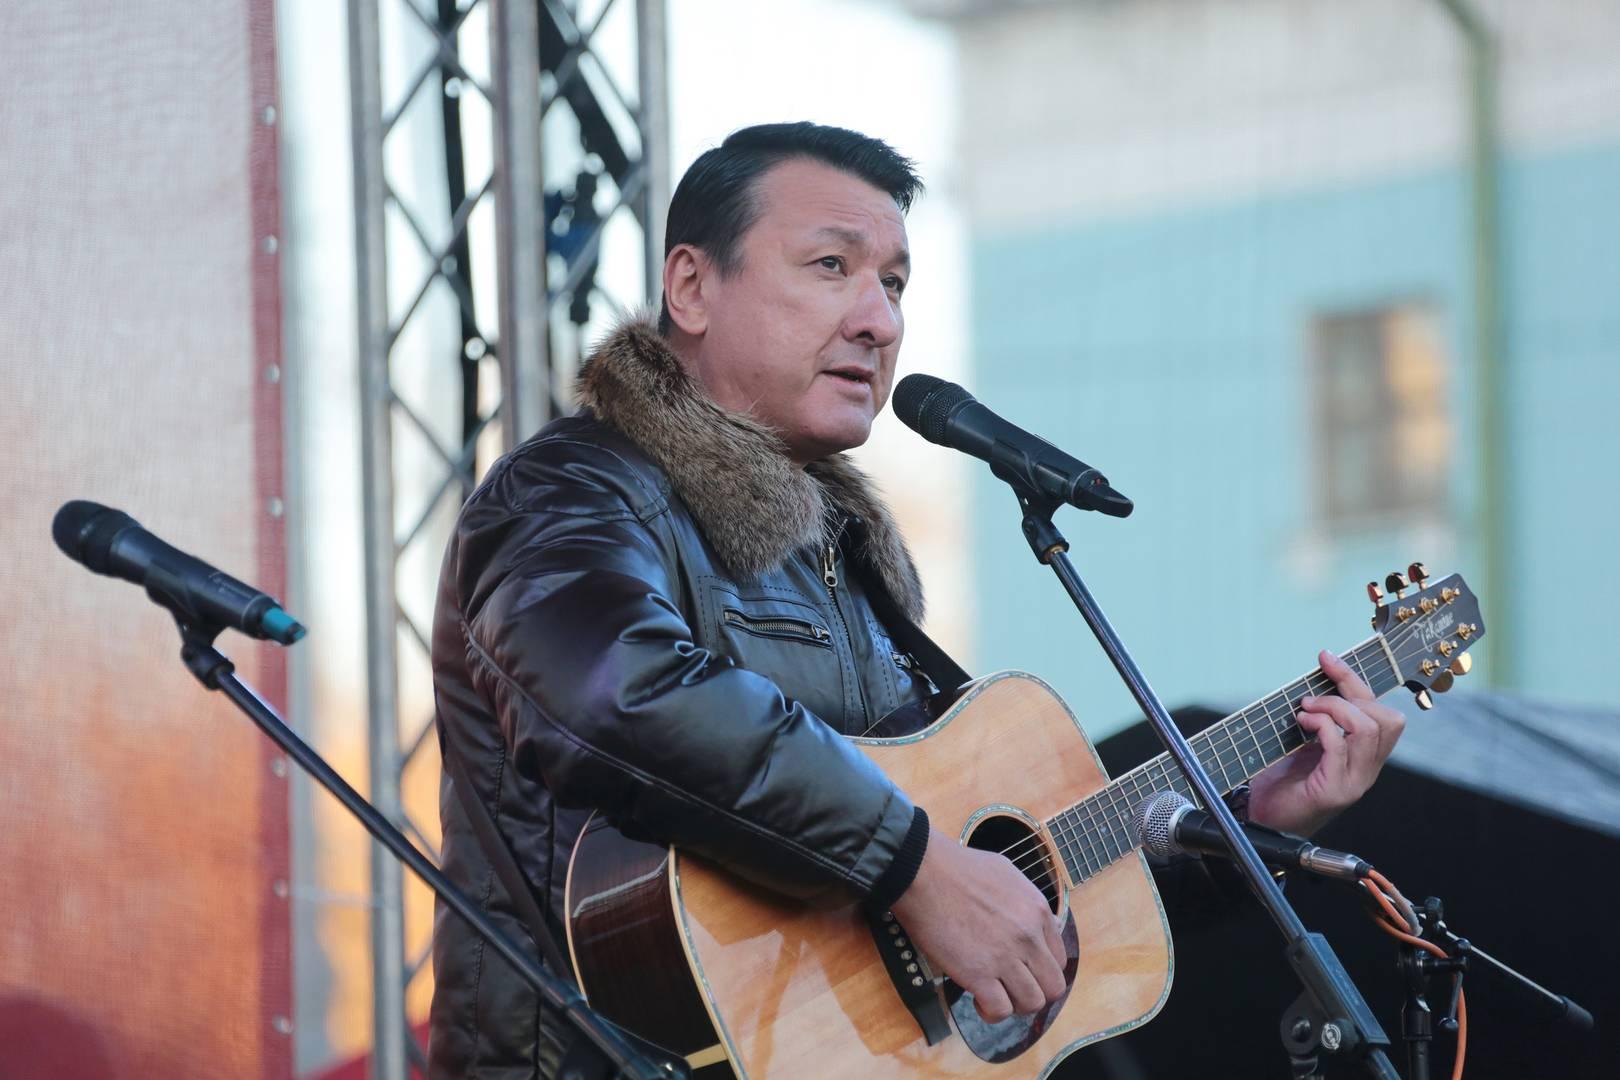 Ильяс Аутов выступает на митинге «Сути времени» в Москве, 5 ноября 2018 г.